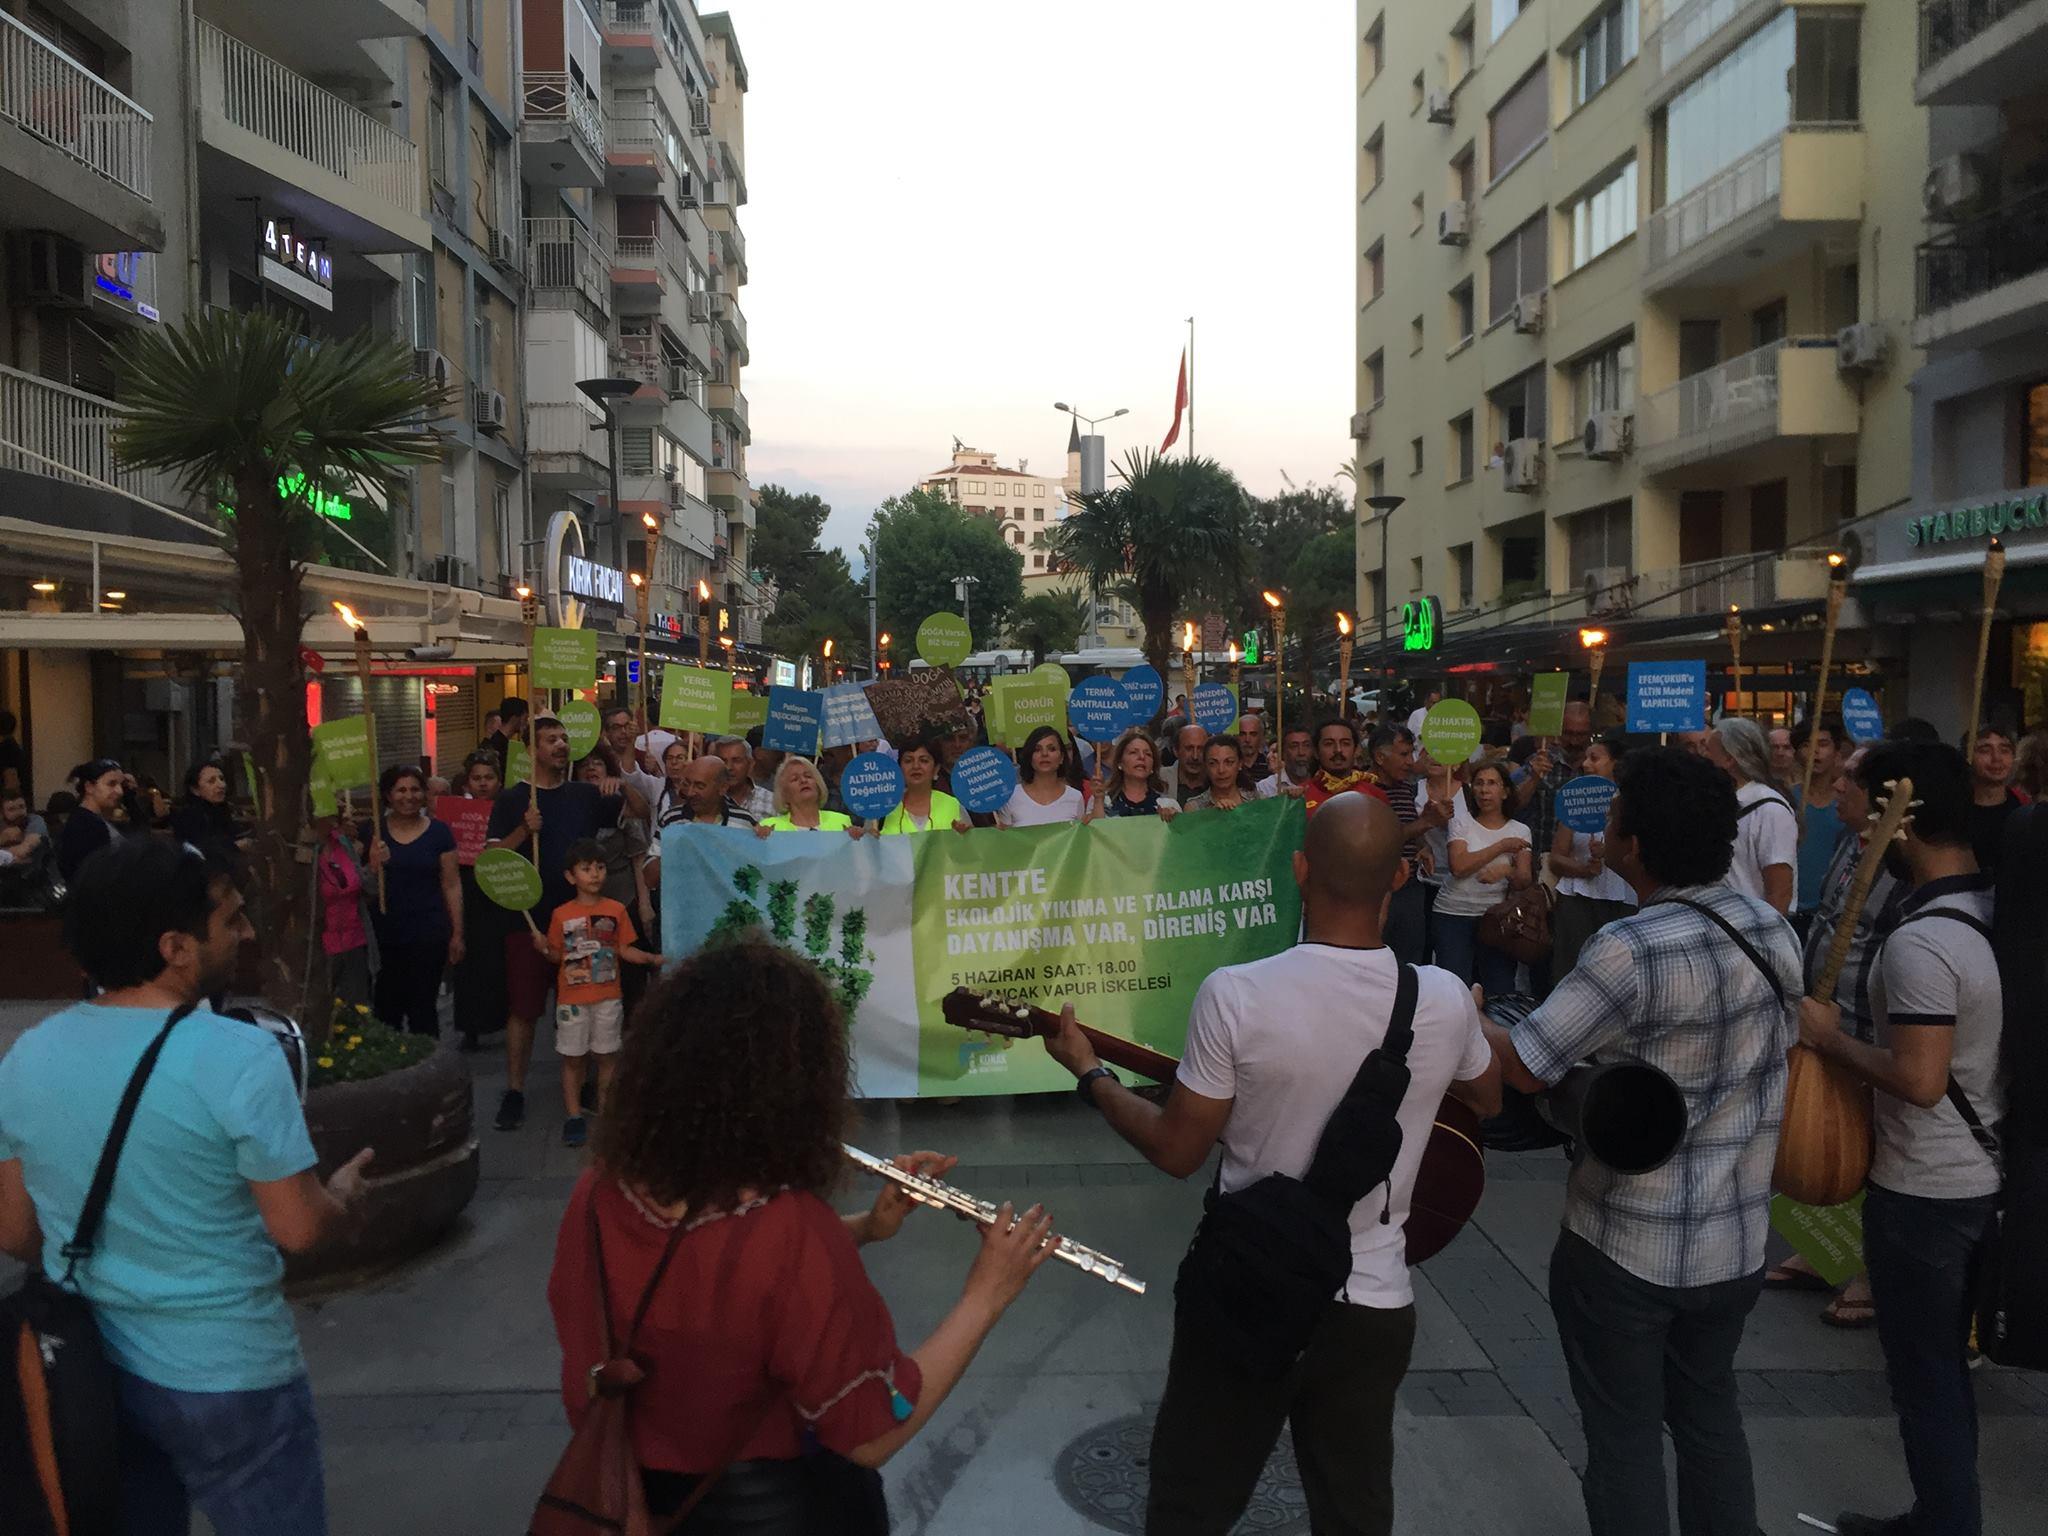 İzmirde ekolojik yıkıma karşı meşaleli yürüyüş